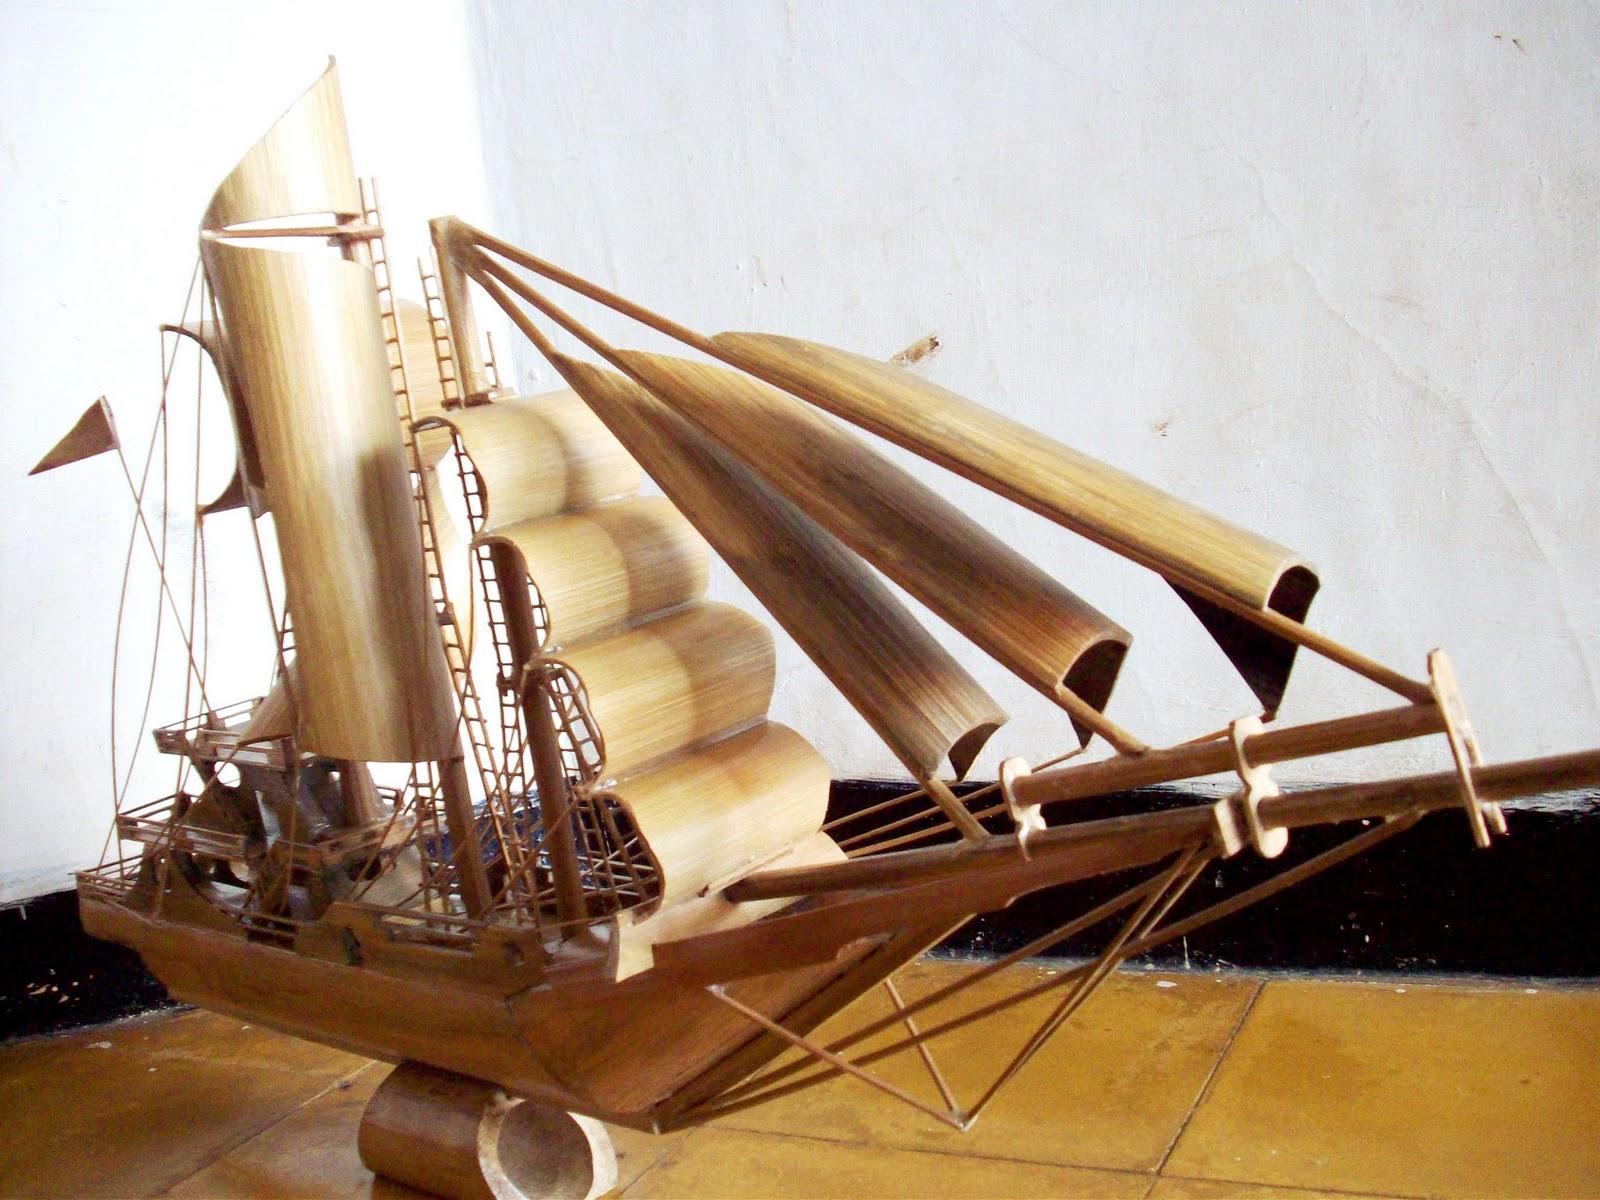 Download image Membuat Kerajinan Perahu Dari Bambu PC, Android, iPhone